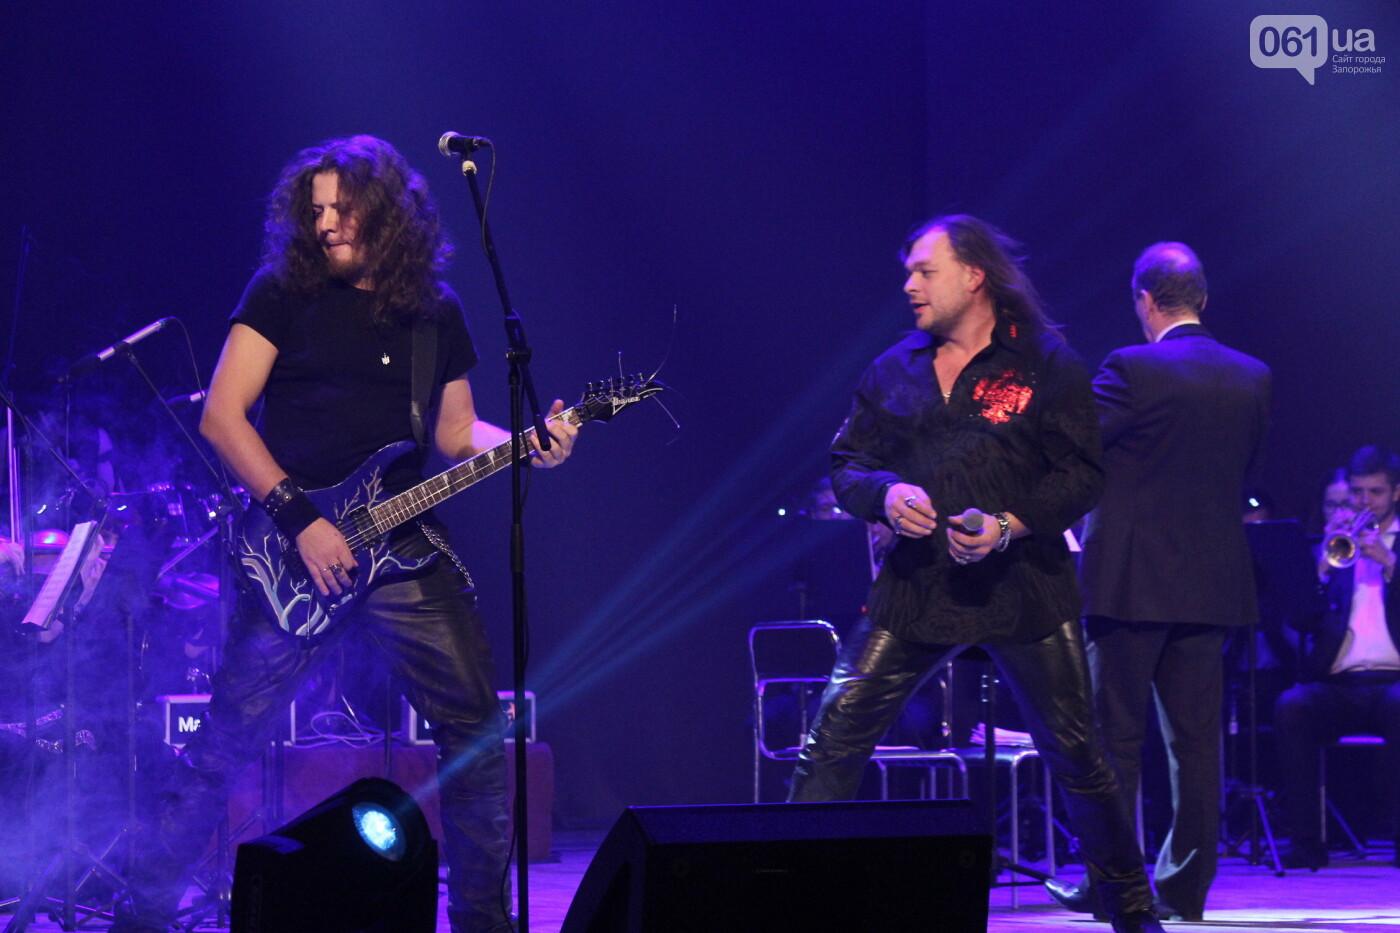 Тяжелый рок в симфоническом звучании: каким было Hard Rock Show в Запорожье, – ФОТОРЕПОРТАЖ, фото-26